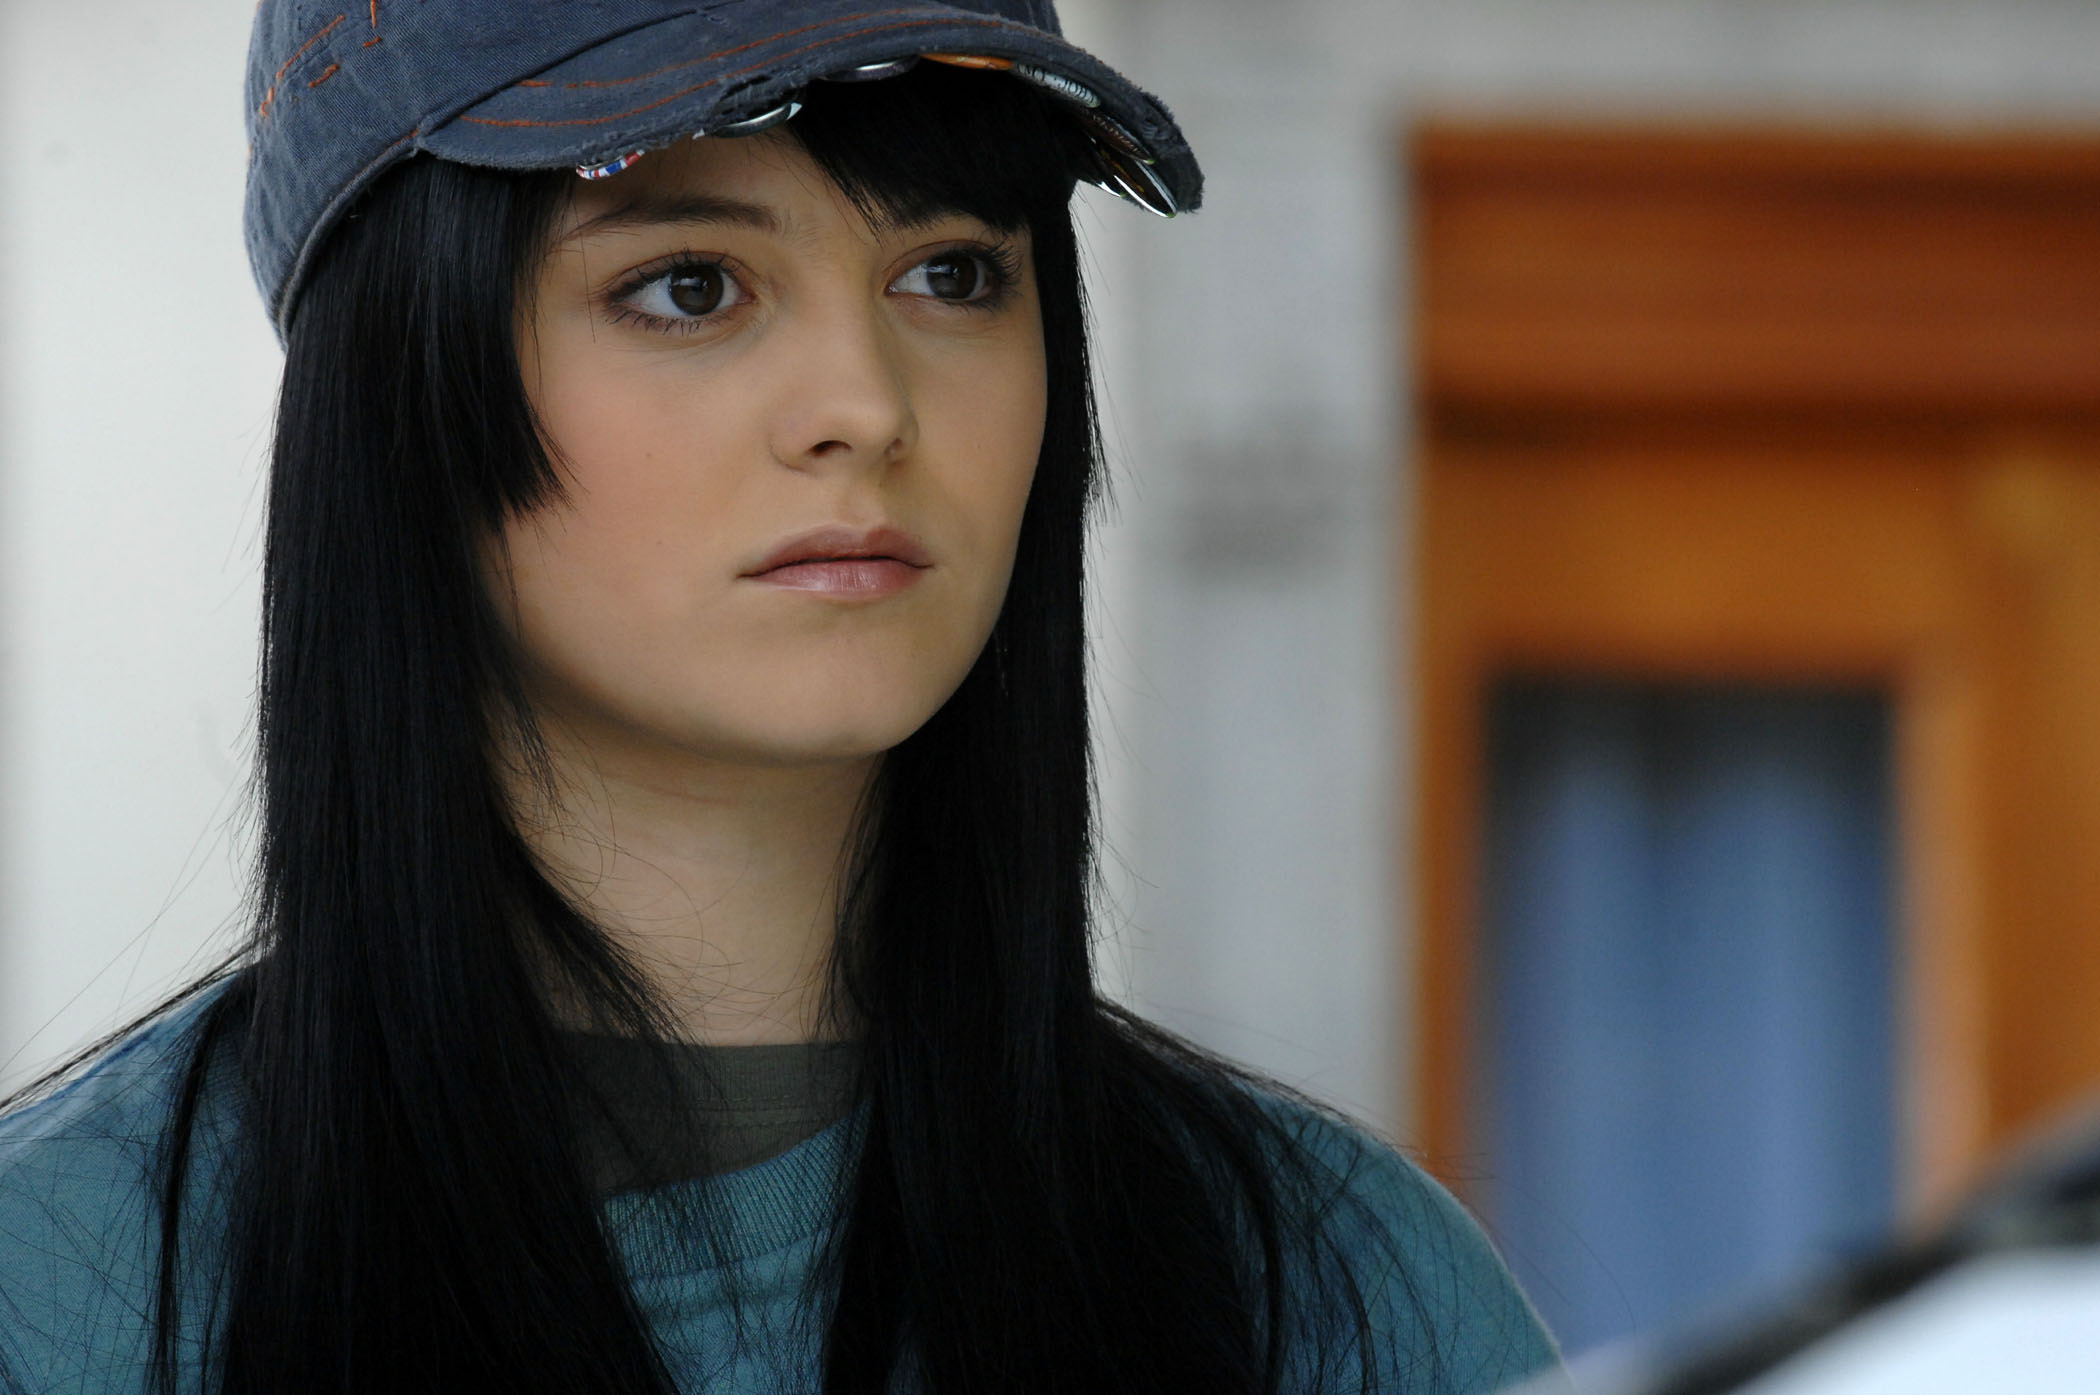 Allisson Lozano allisson lozz, la actriz que dejó su carrera artística por